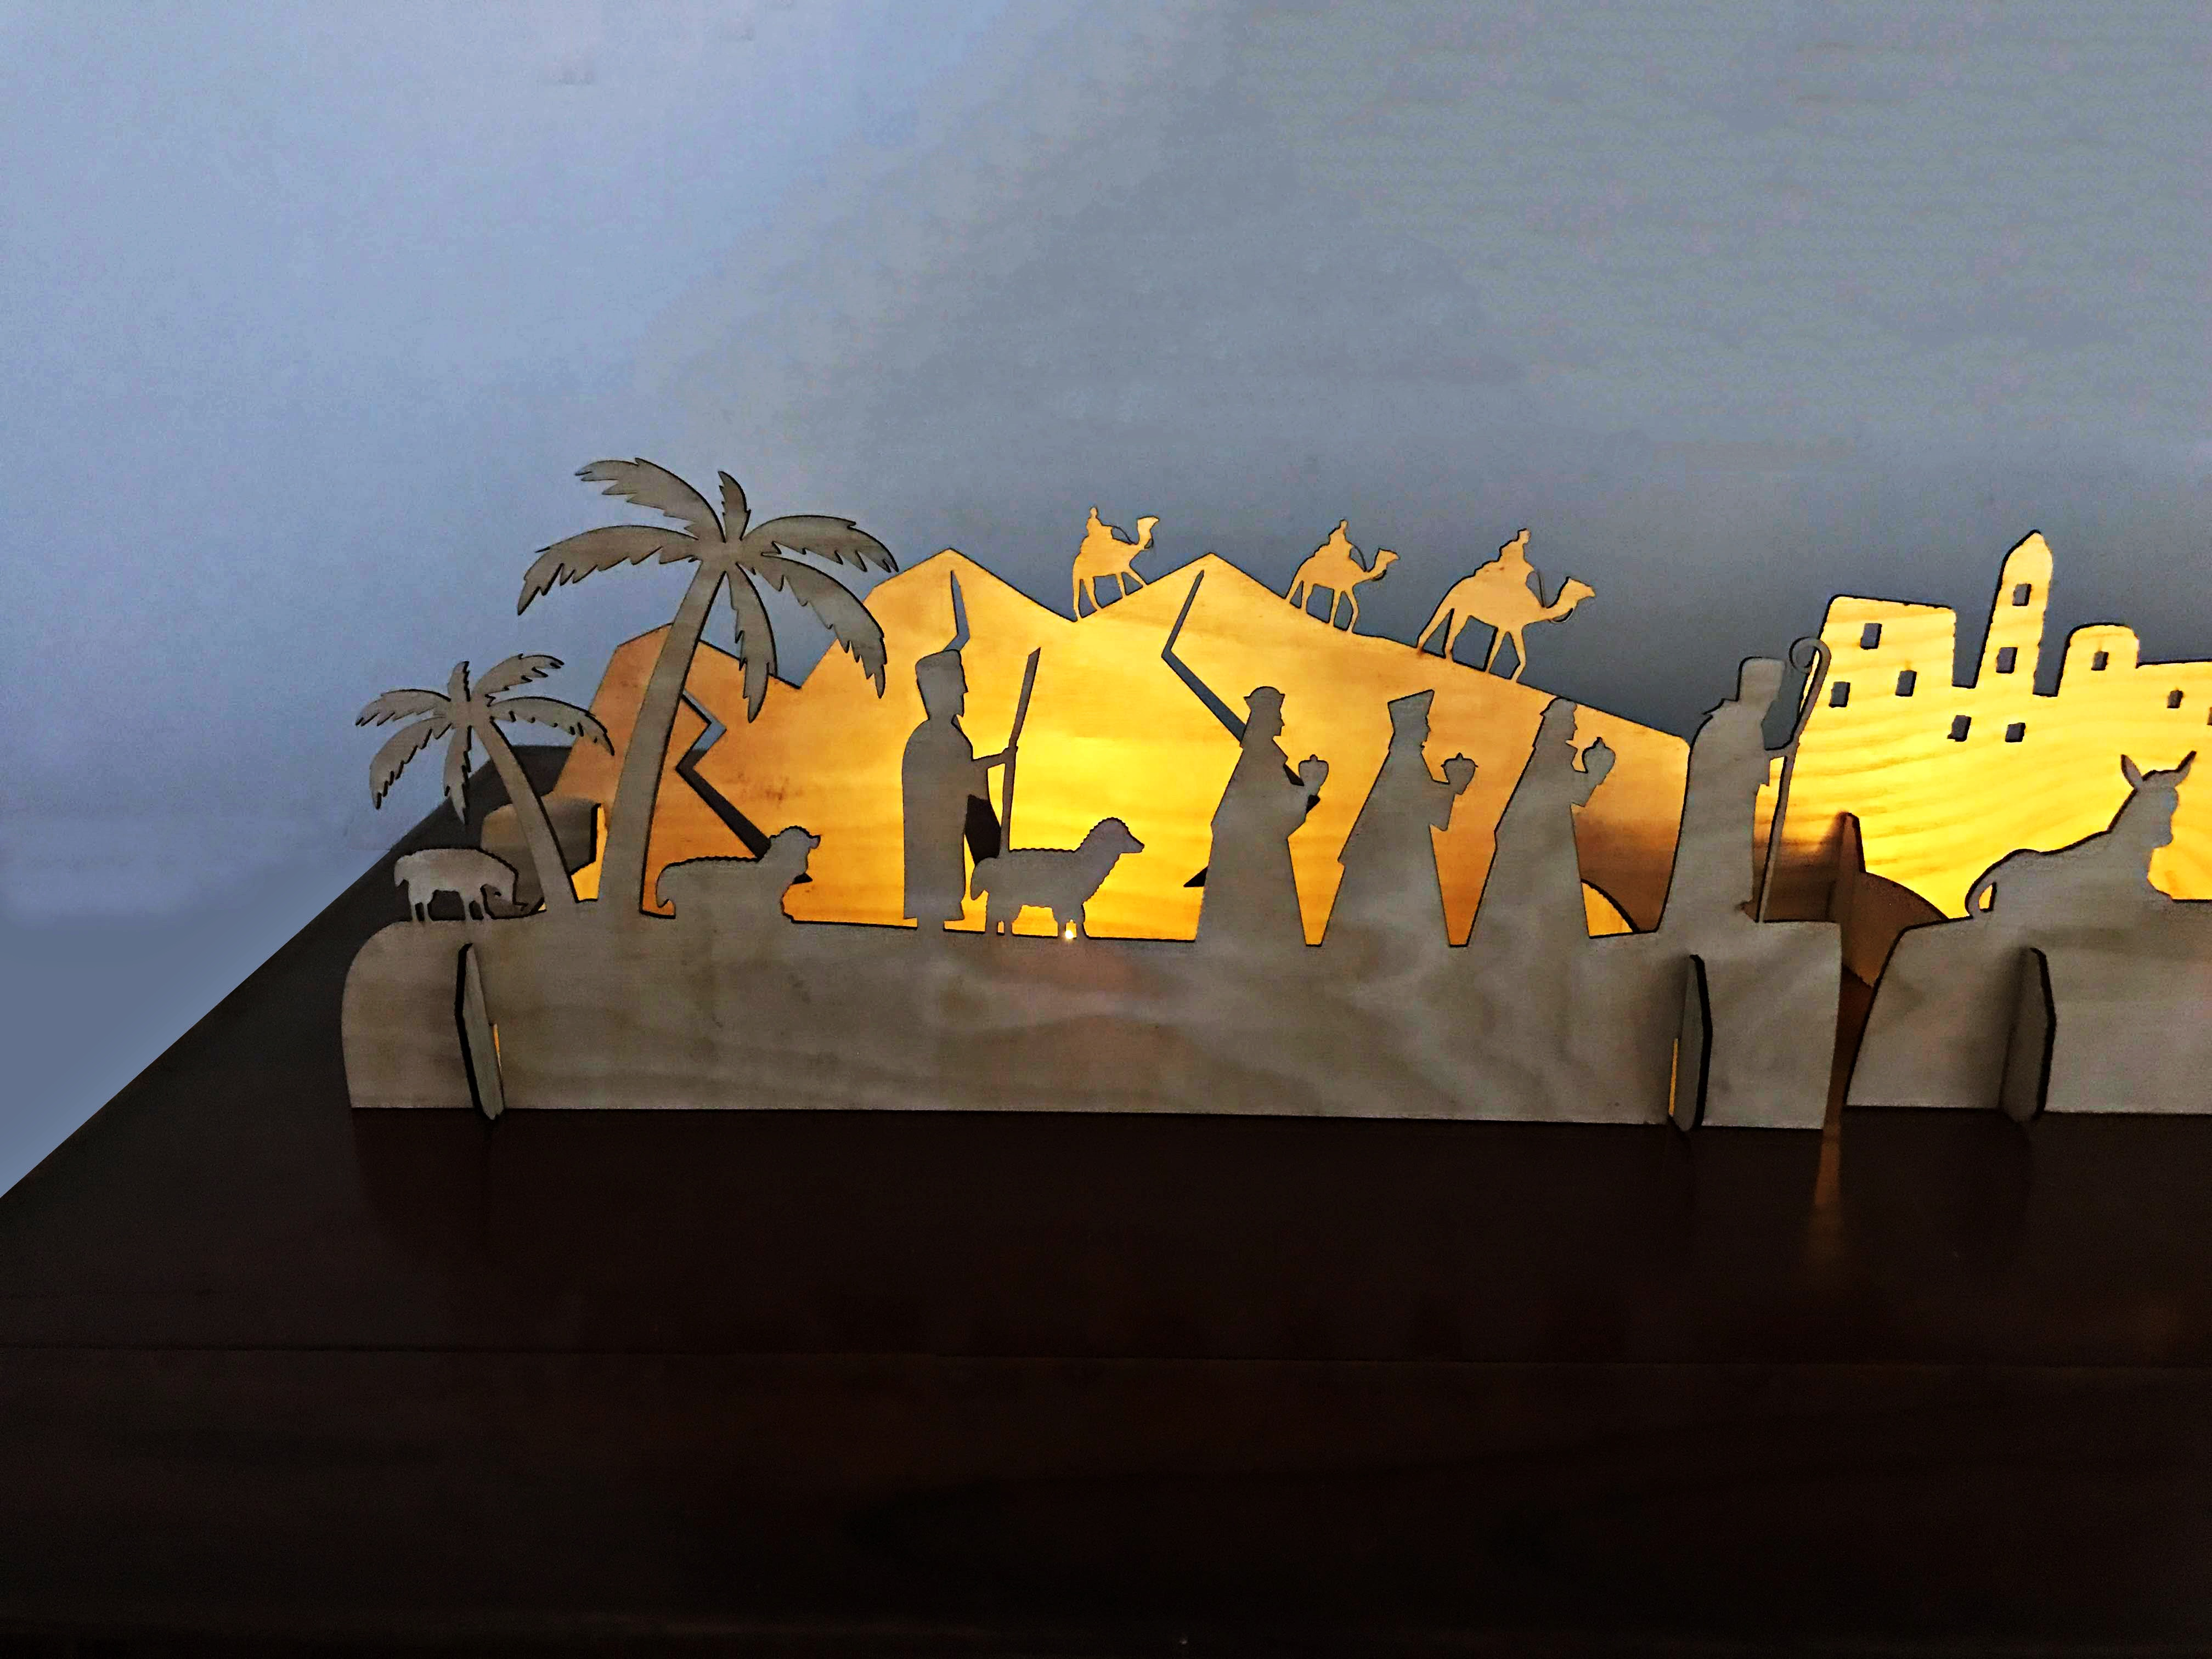 Bộ khung trang trí gỗ Giáng sinh Noel - Đêm Chúa Giáng Sinh